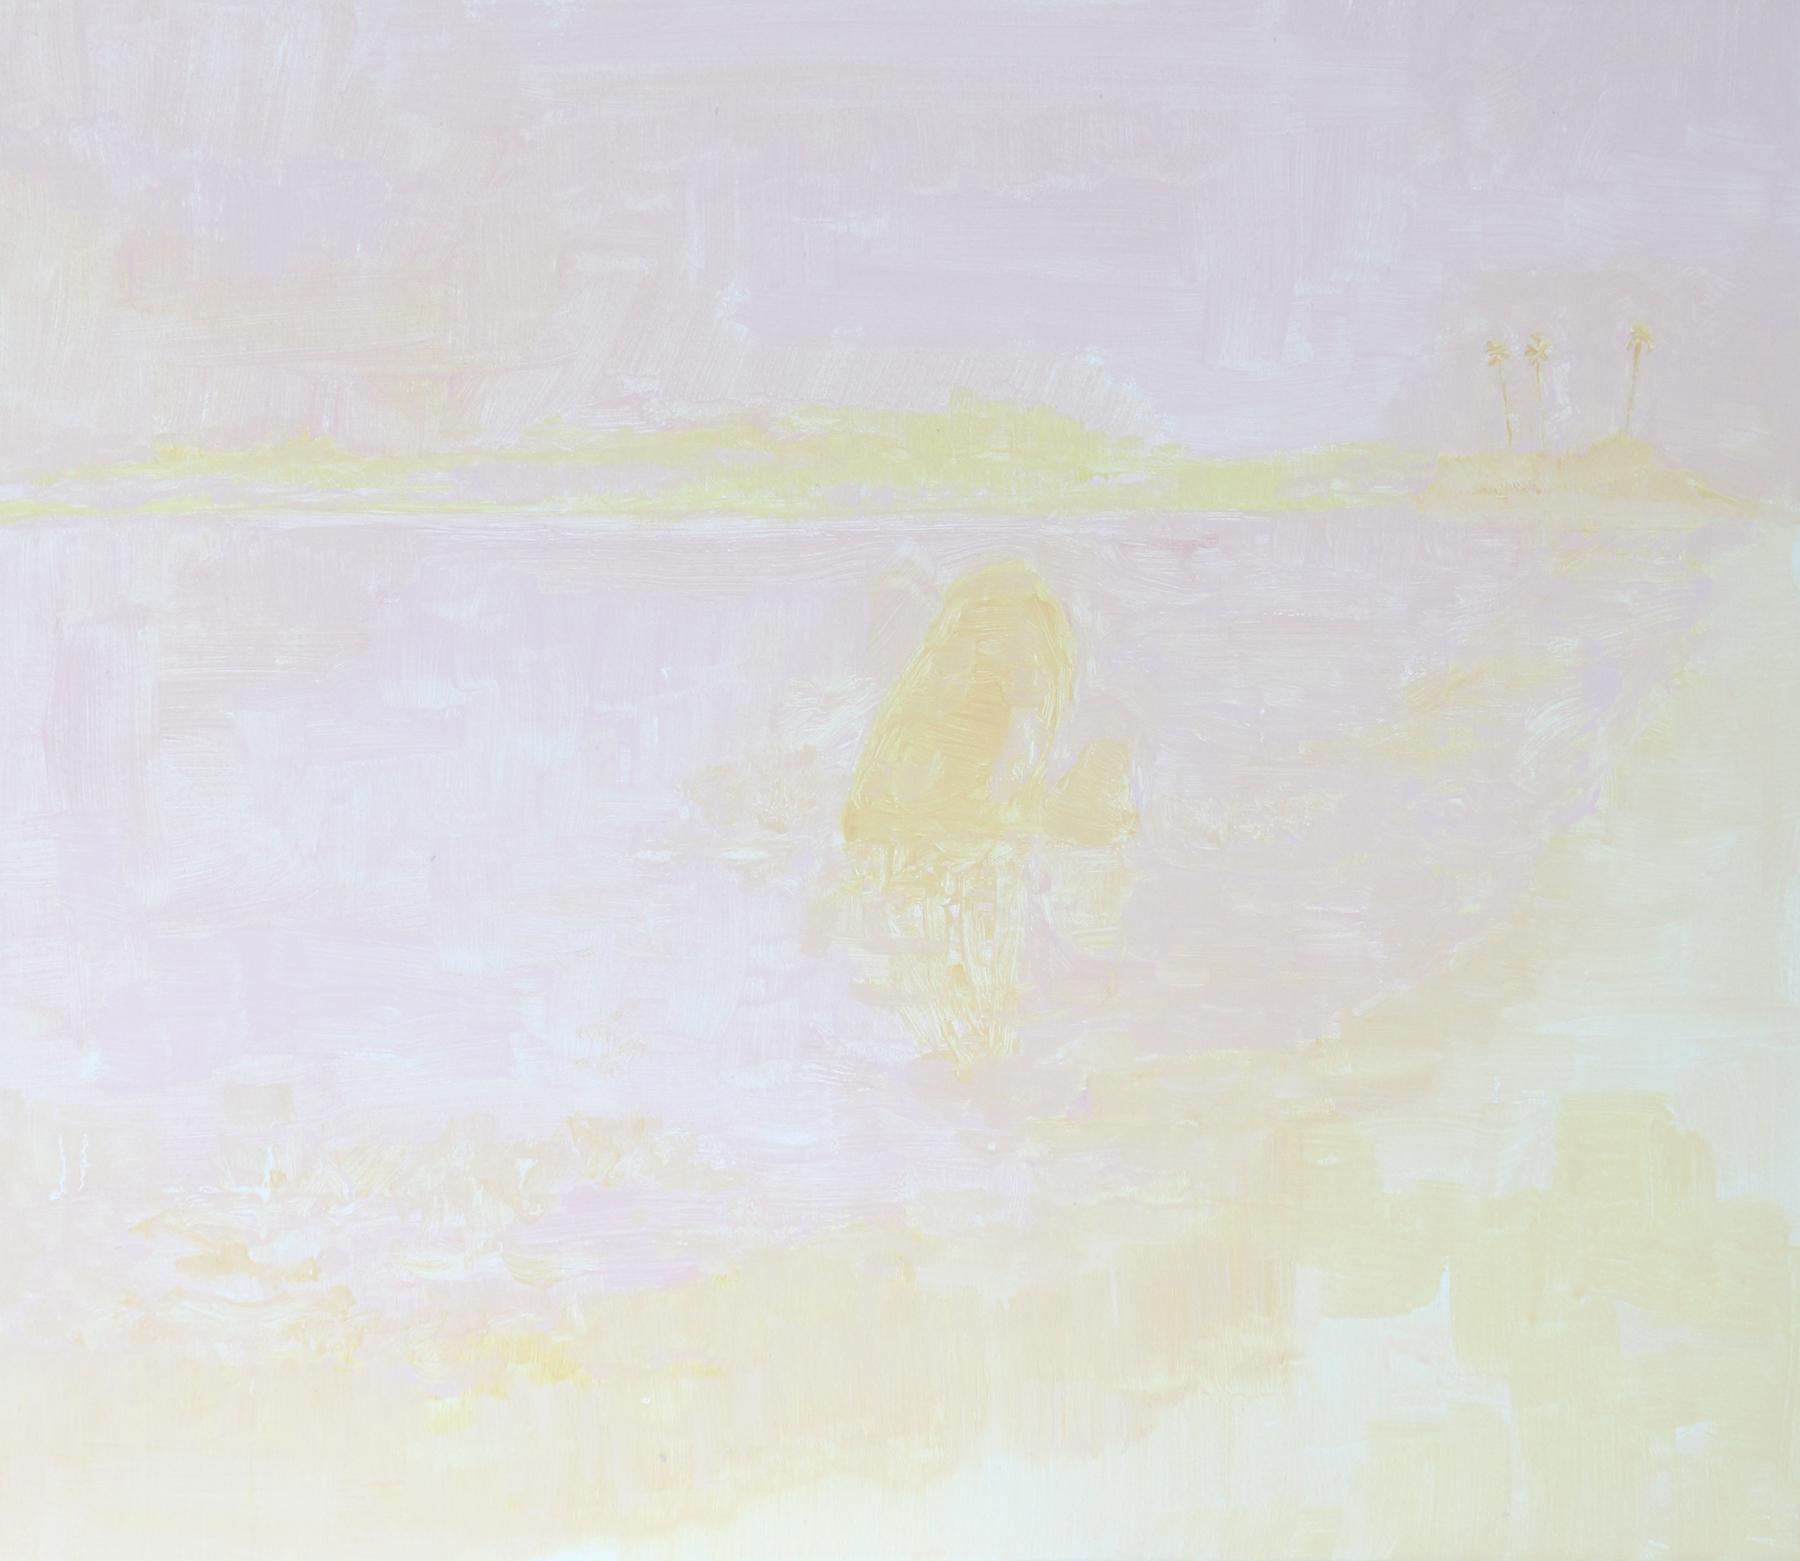 Felipe Goes, Pintura 283, Acrilica e Guache sobre tela, 52 x 60 cm, 2016.